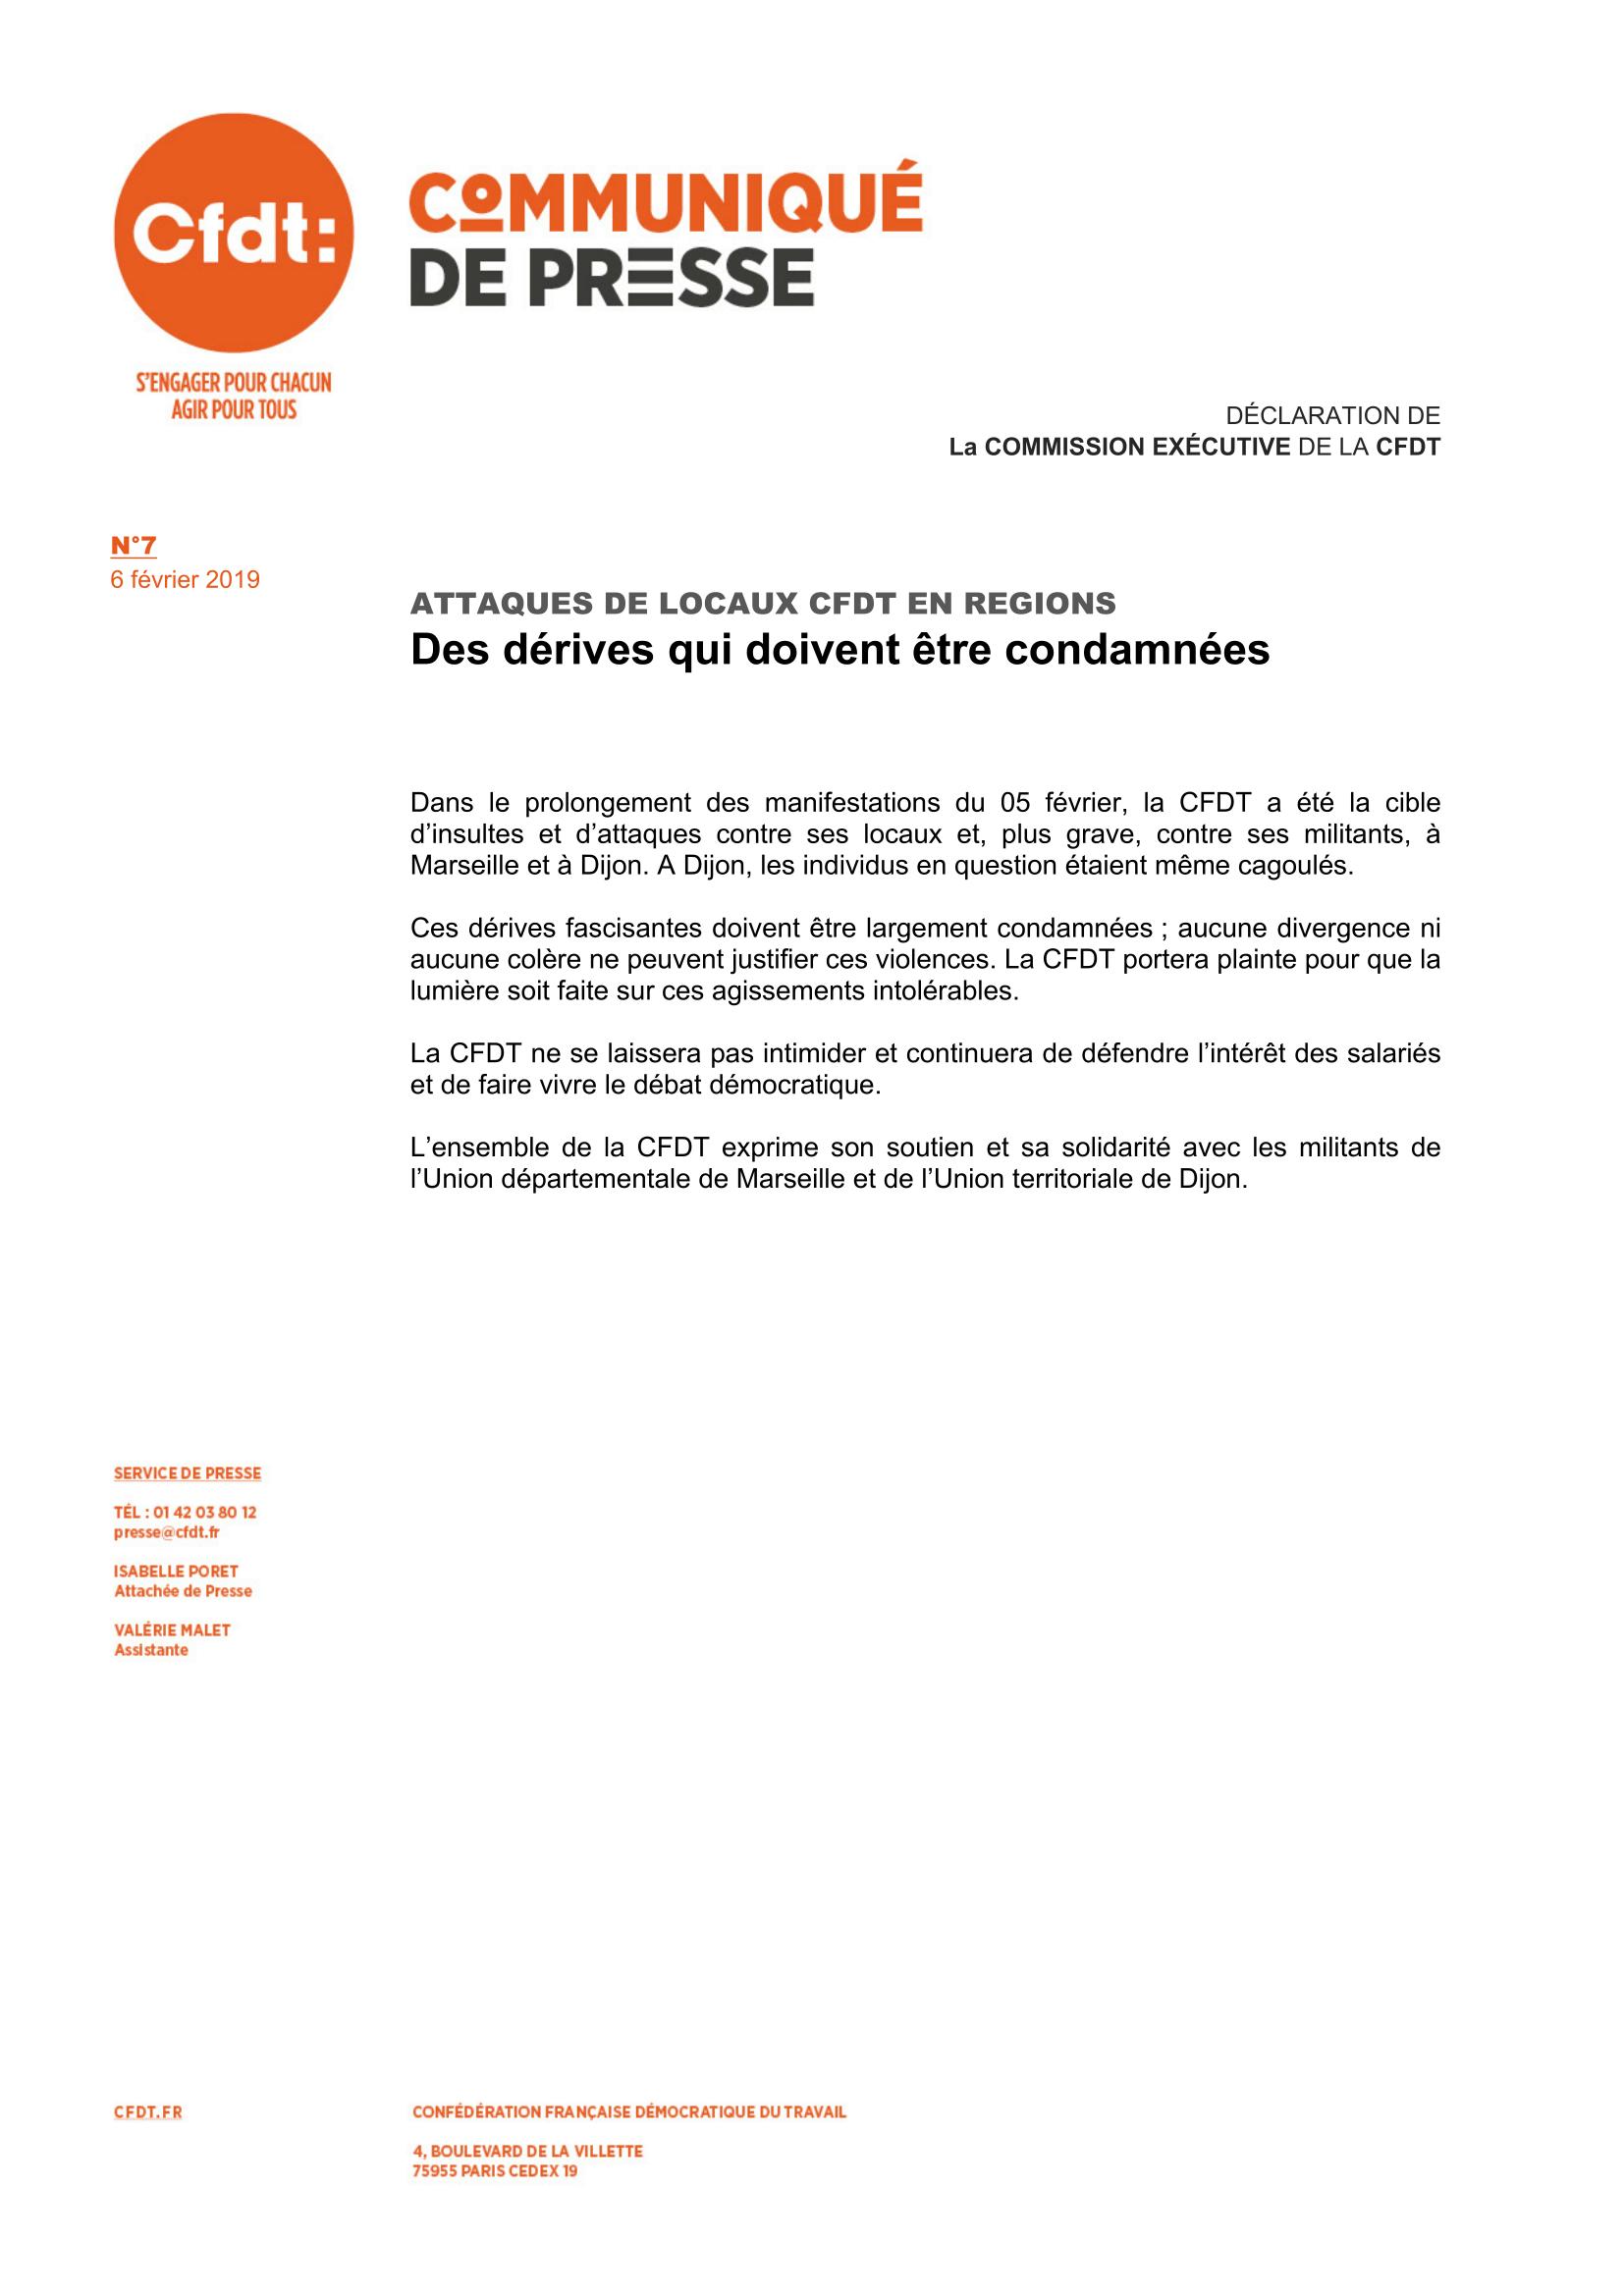 com_7_-_attaques_de_locaux_de_la_cfdt_en_regions-1